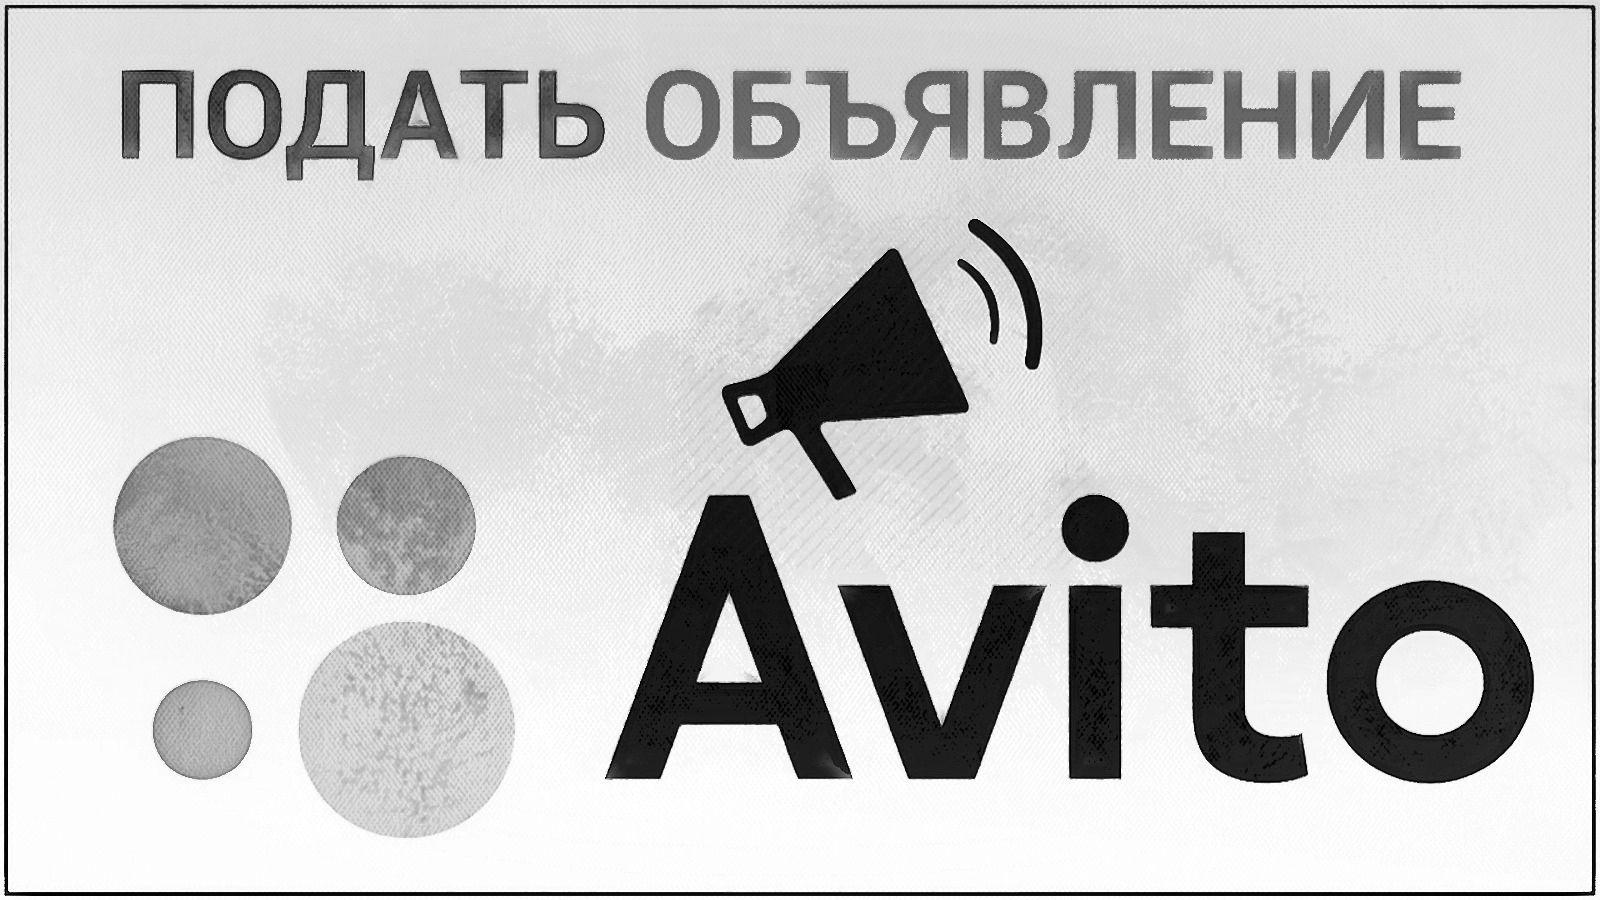 Как правильно составлять объявления на Авито, чтобы быстро продать квартиру или дом